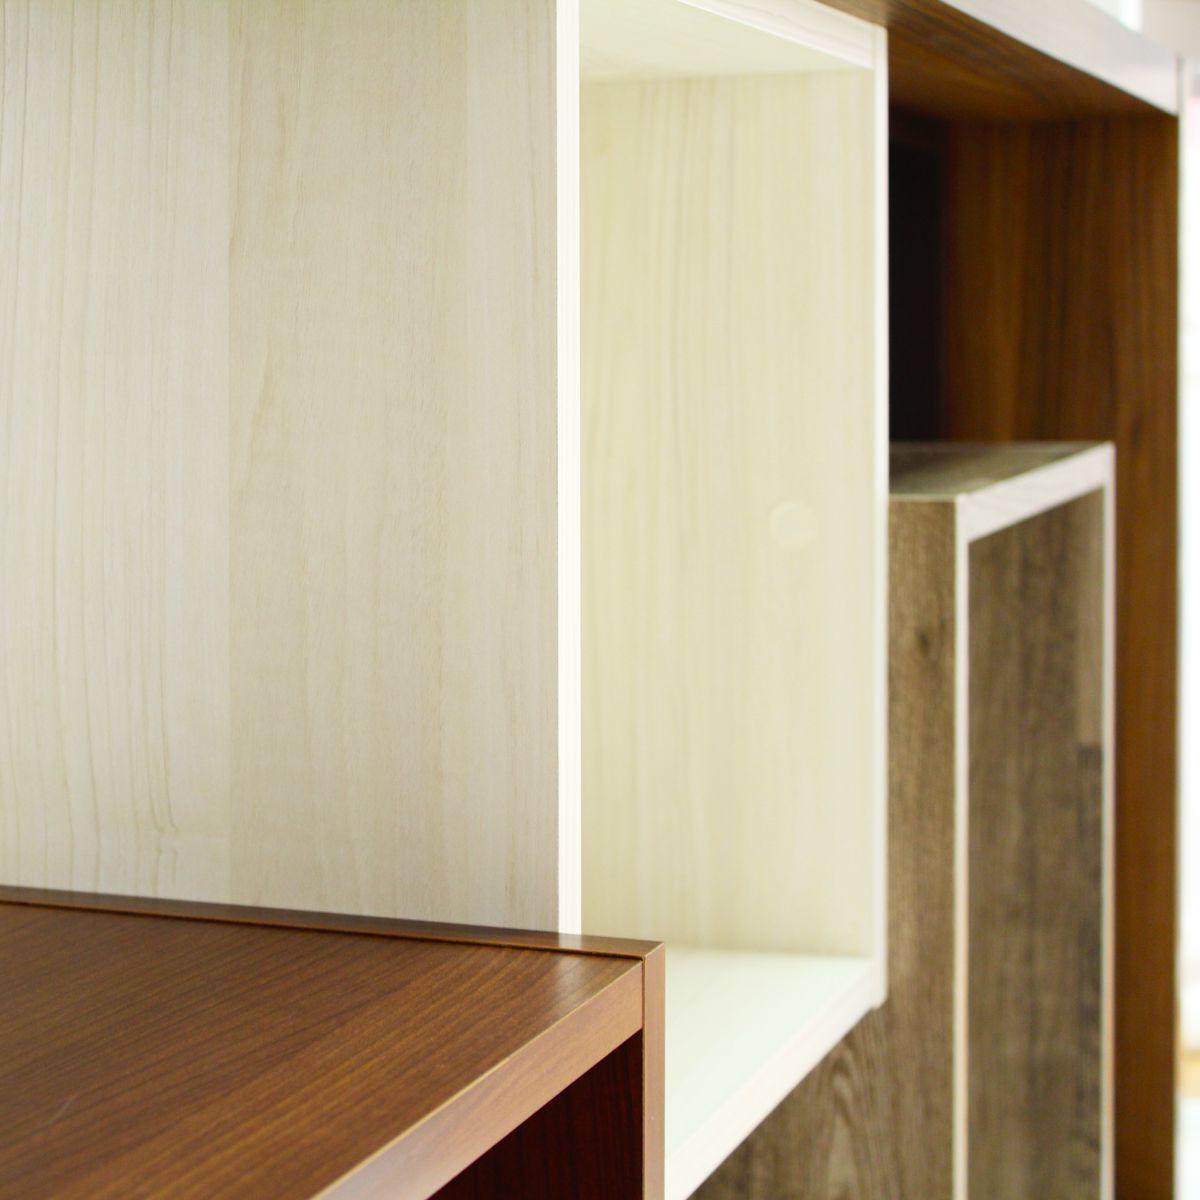 重厚感のある棚の組み合わせ。